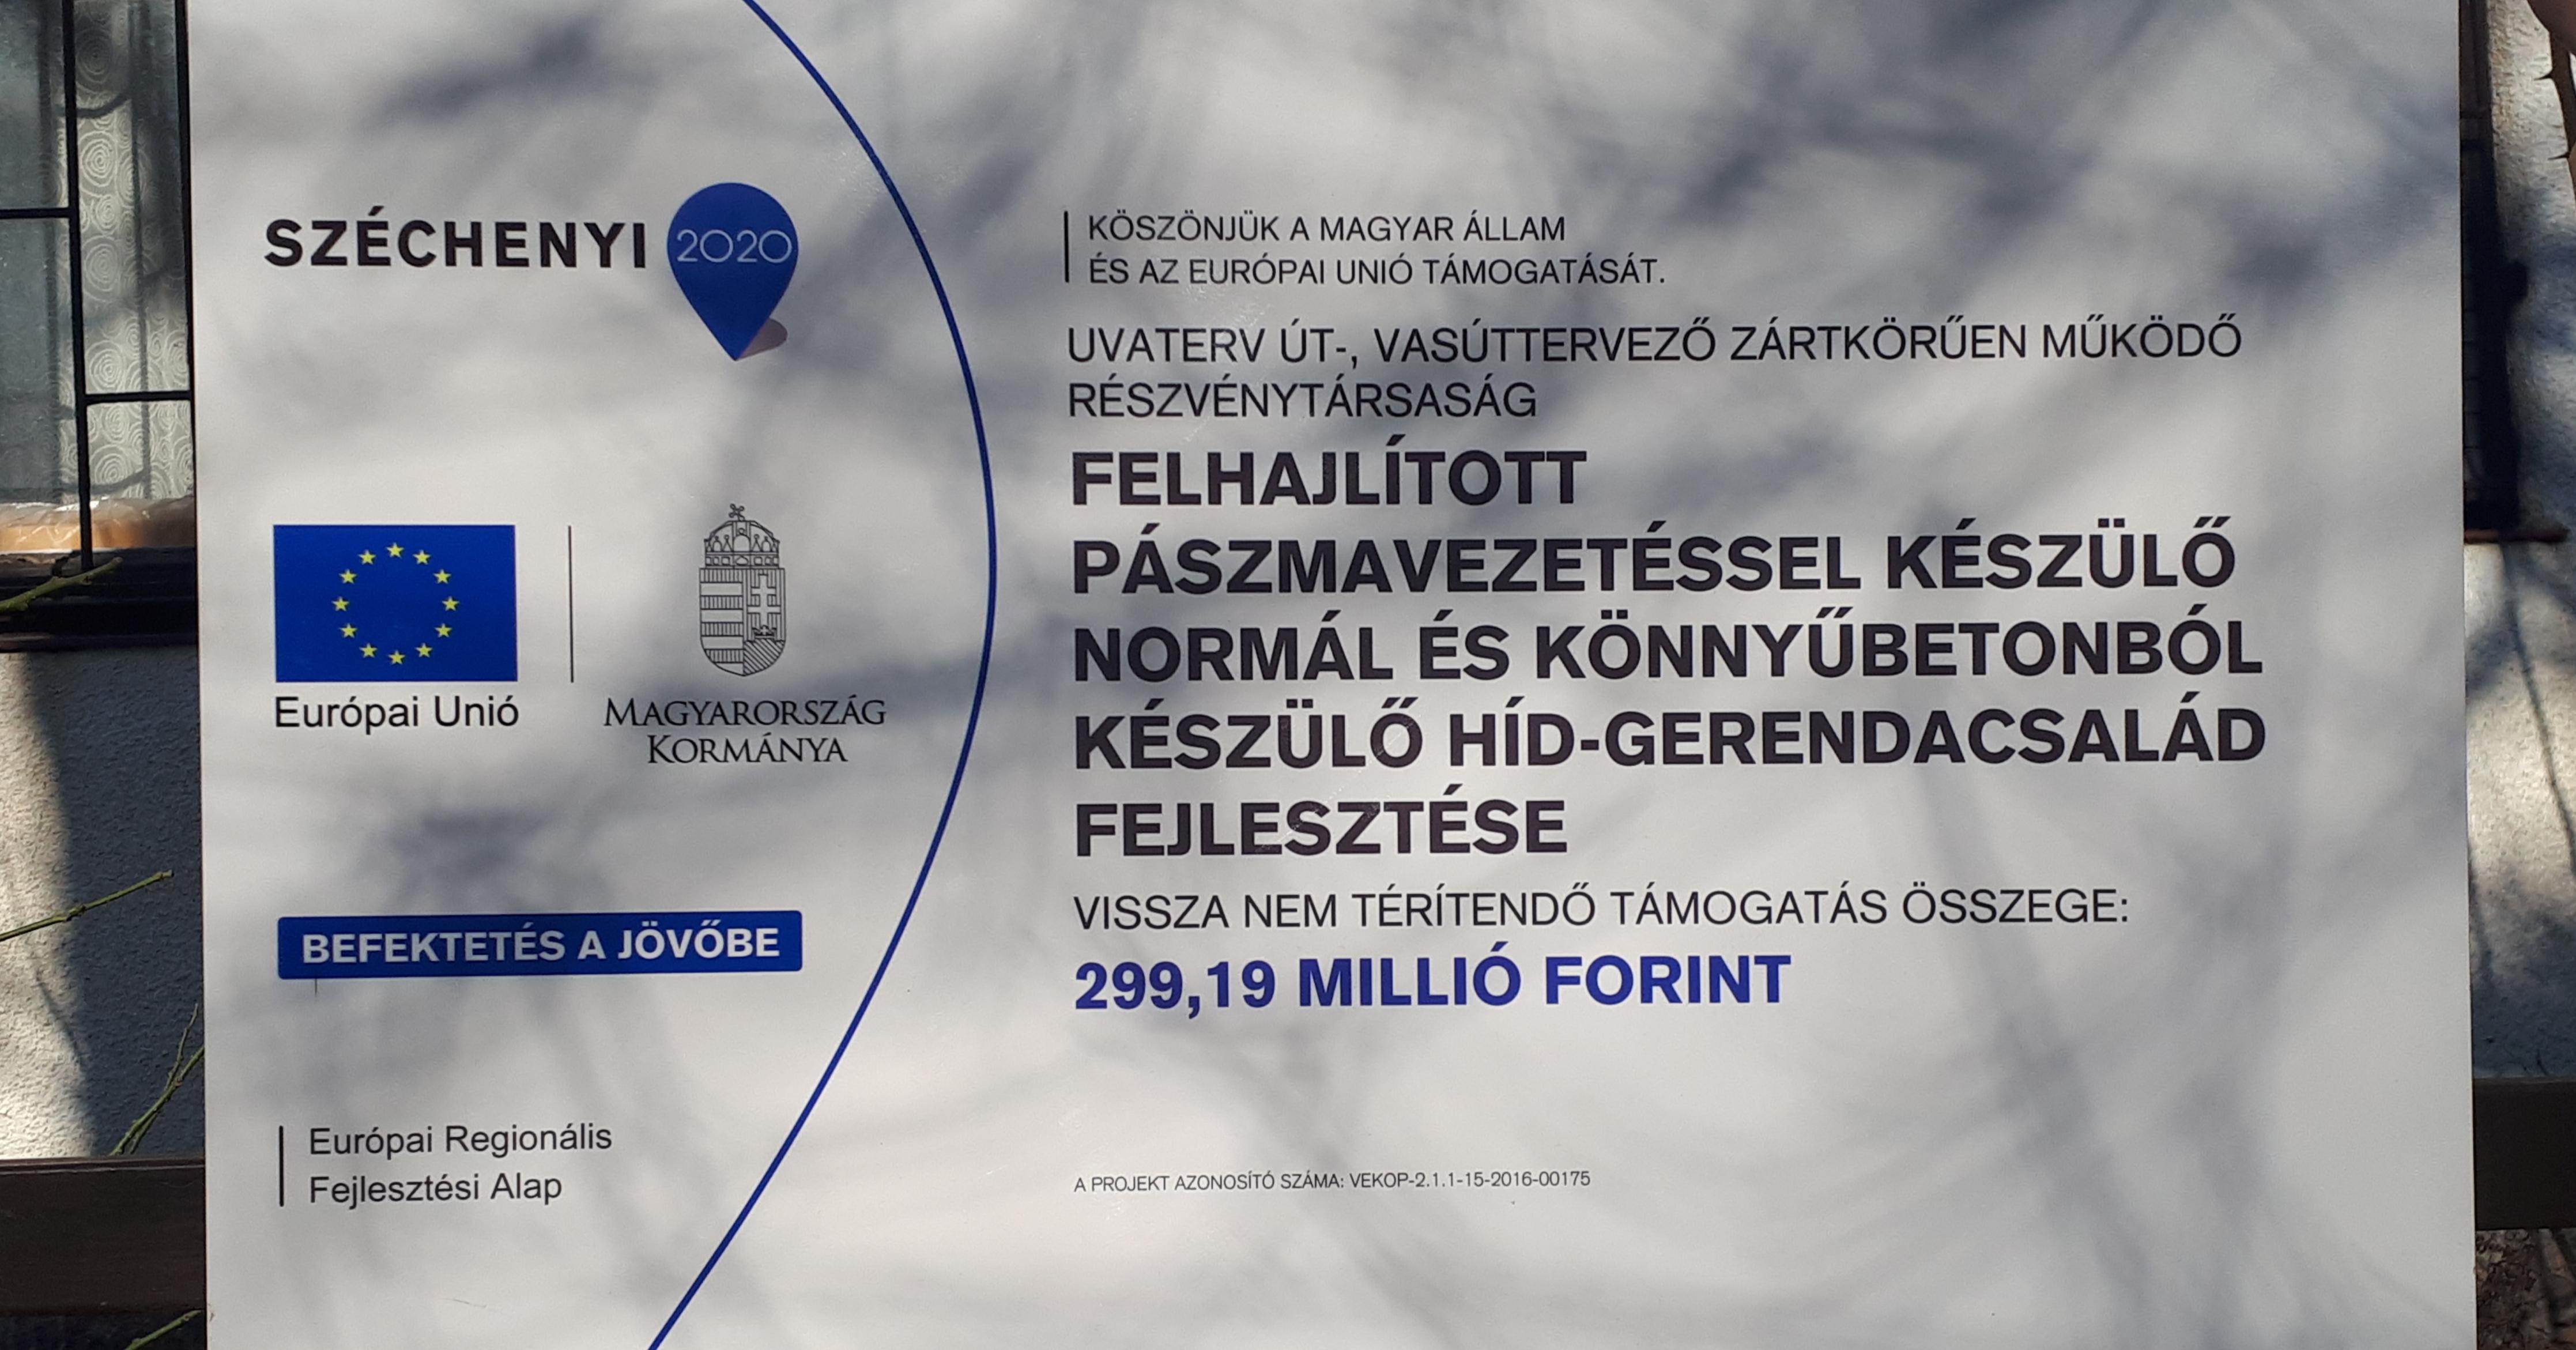 Széchenyii2020